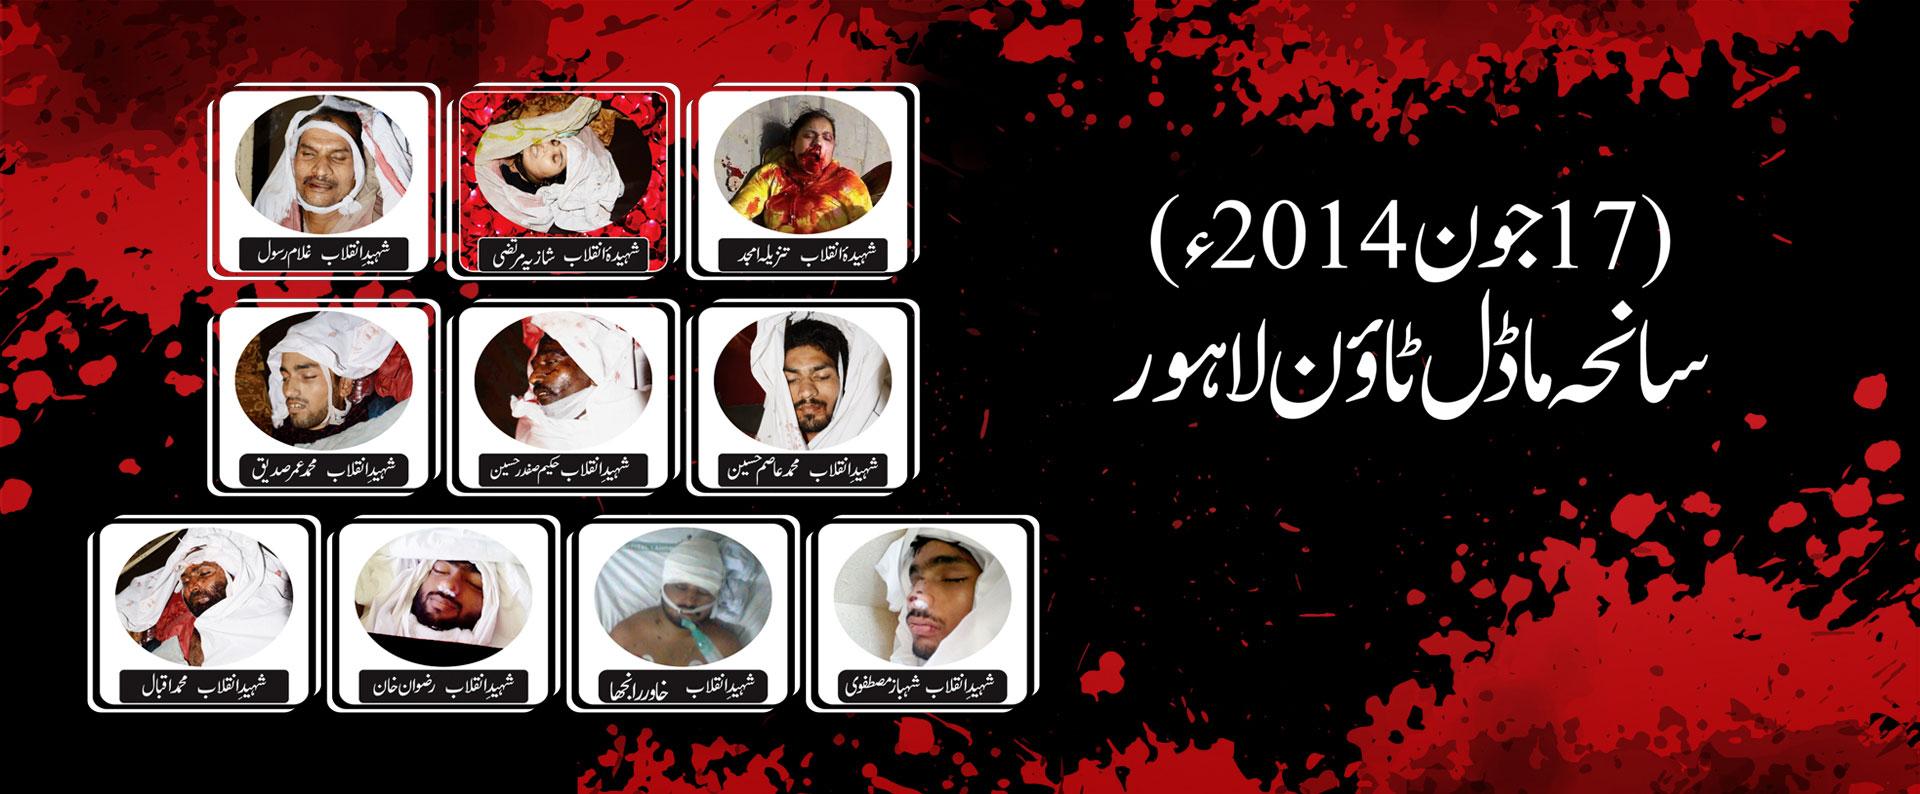 سانحہ ماڈل ٹاؤن لاہور - 17 جون 2014